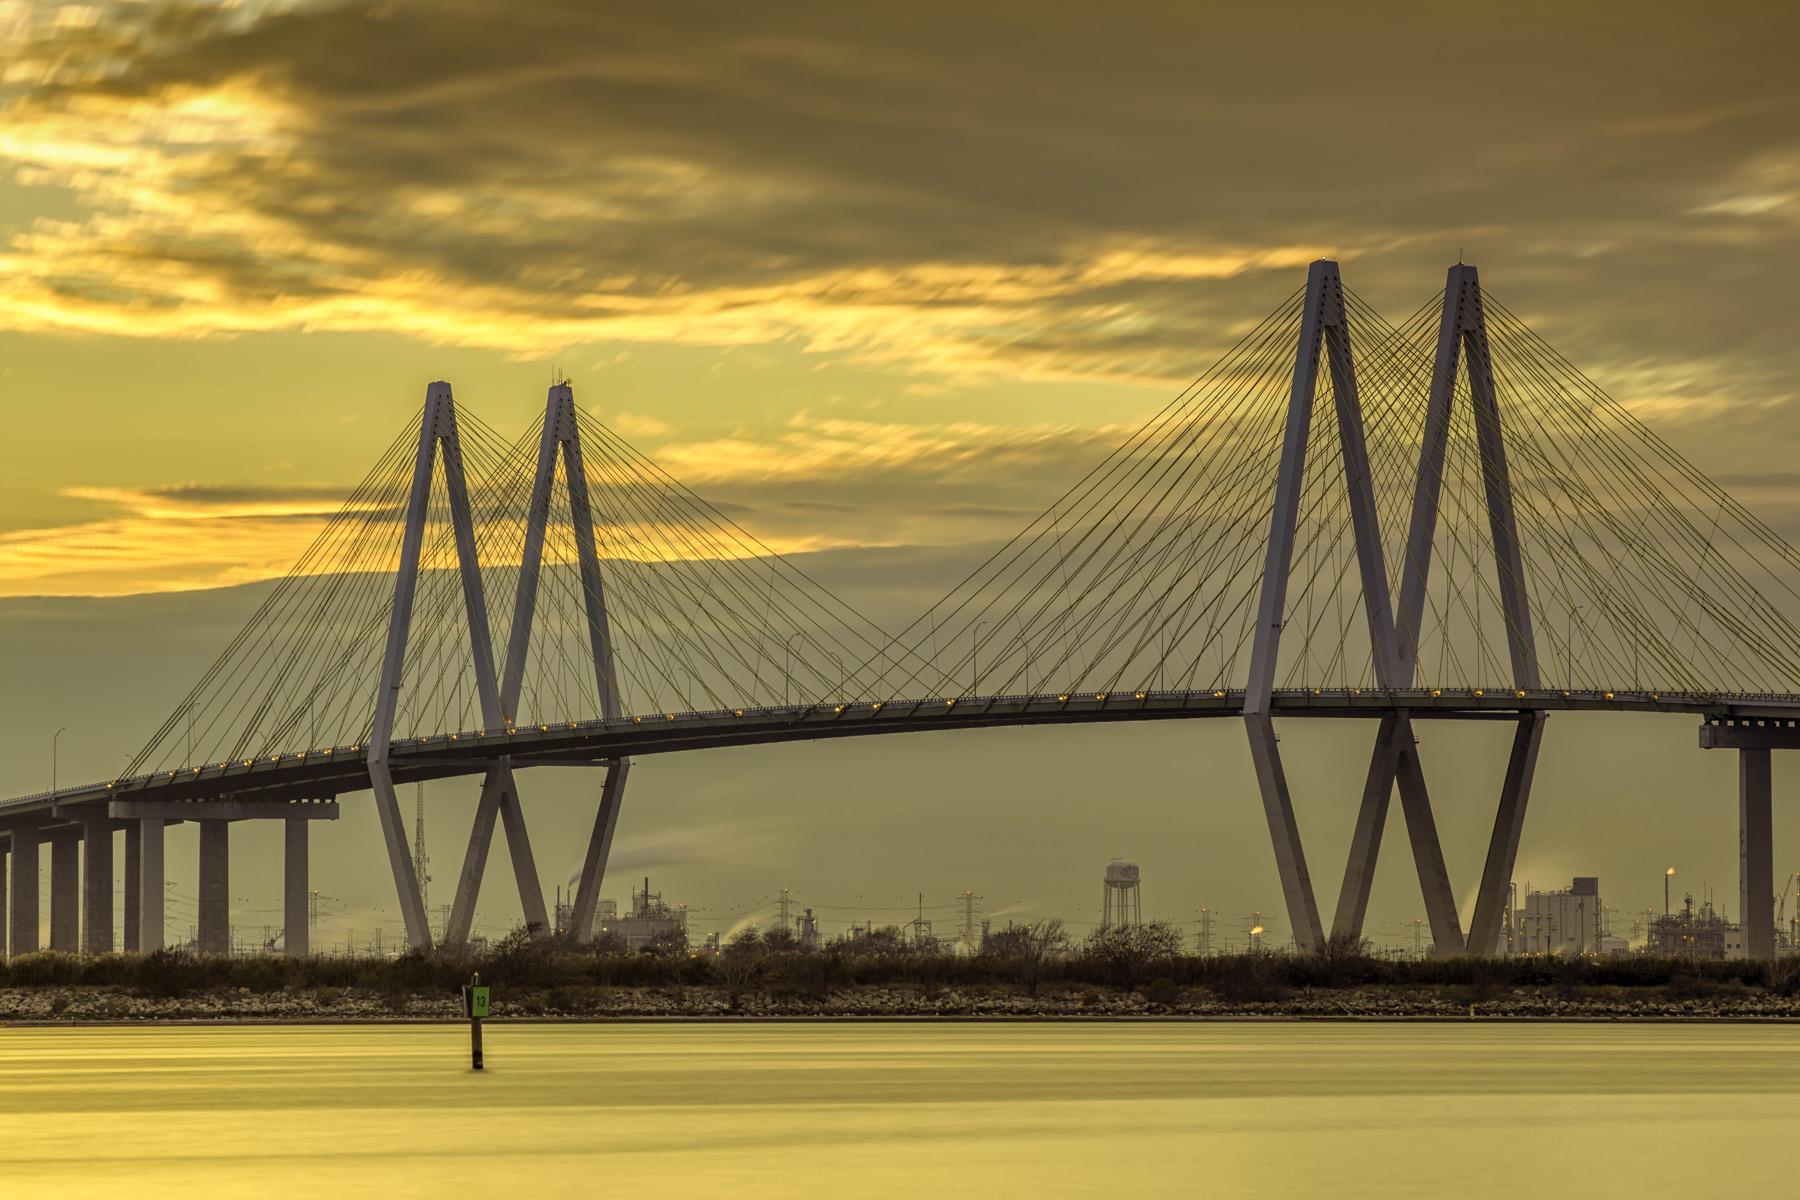 Fred-Hartman-Bridge-Sunset-II-Mabry-Campbell